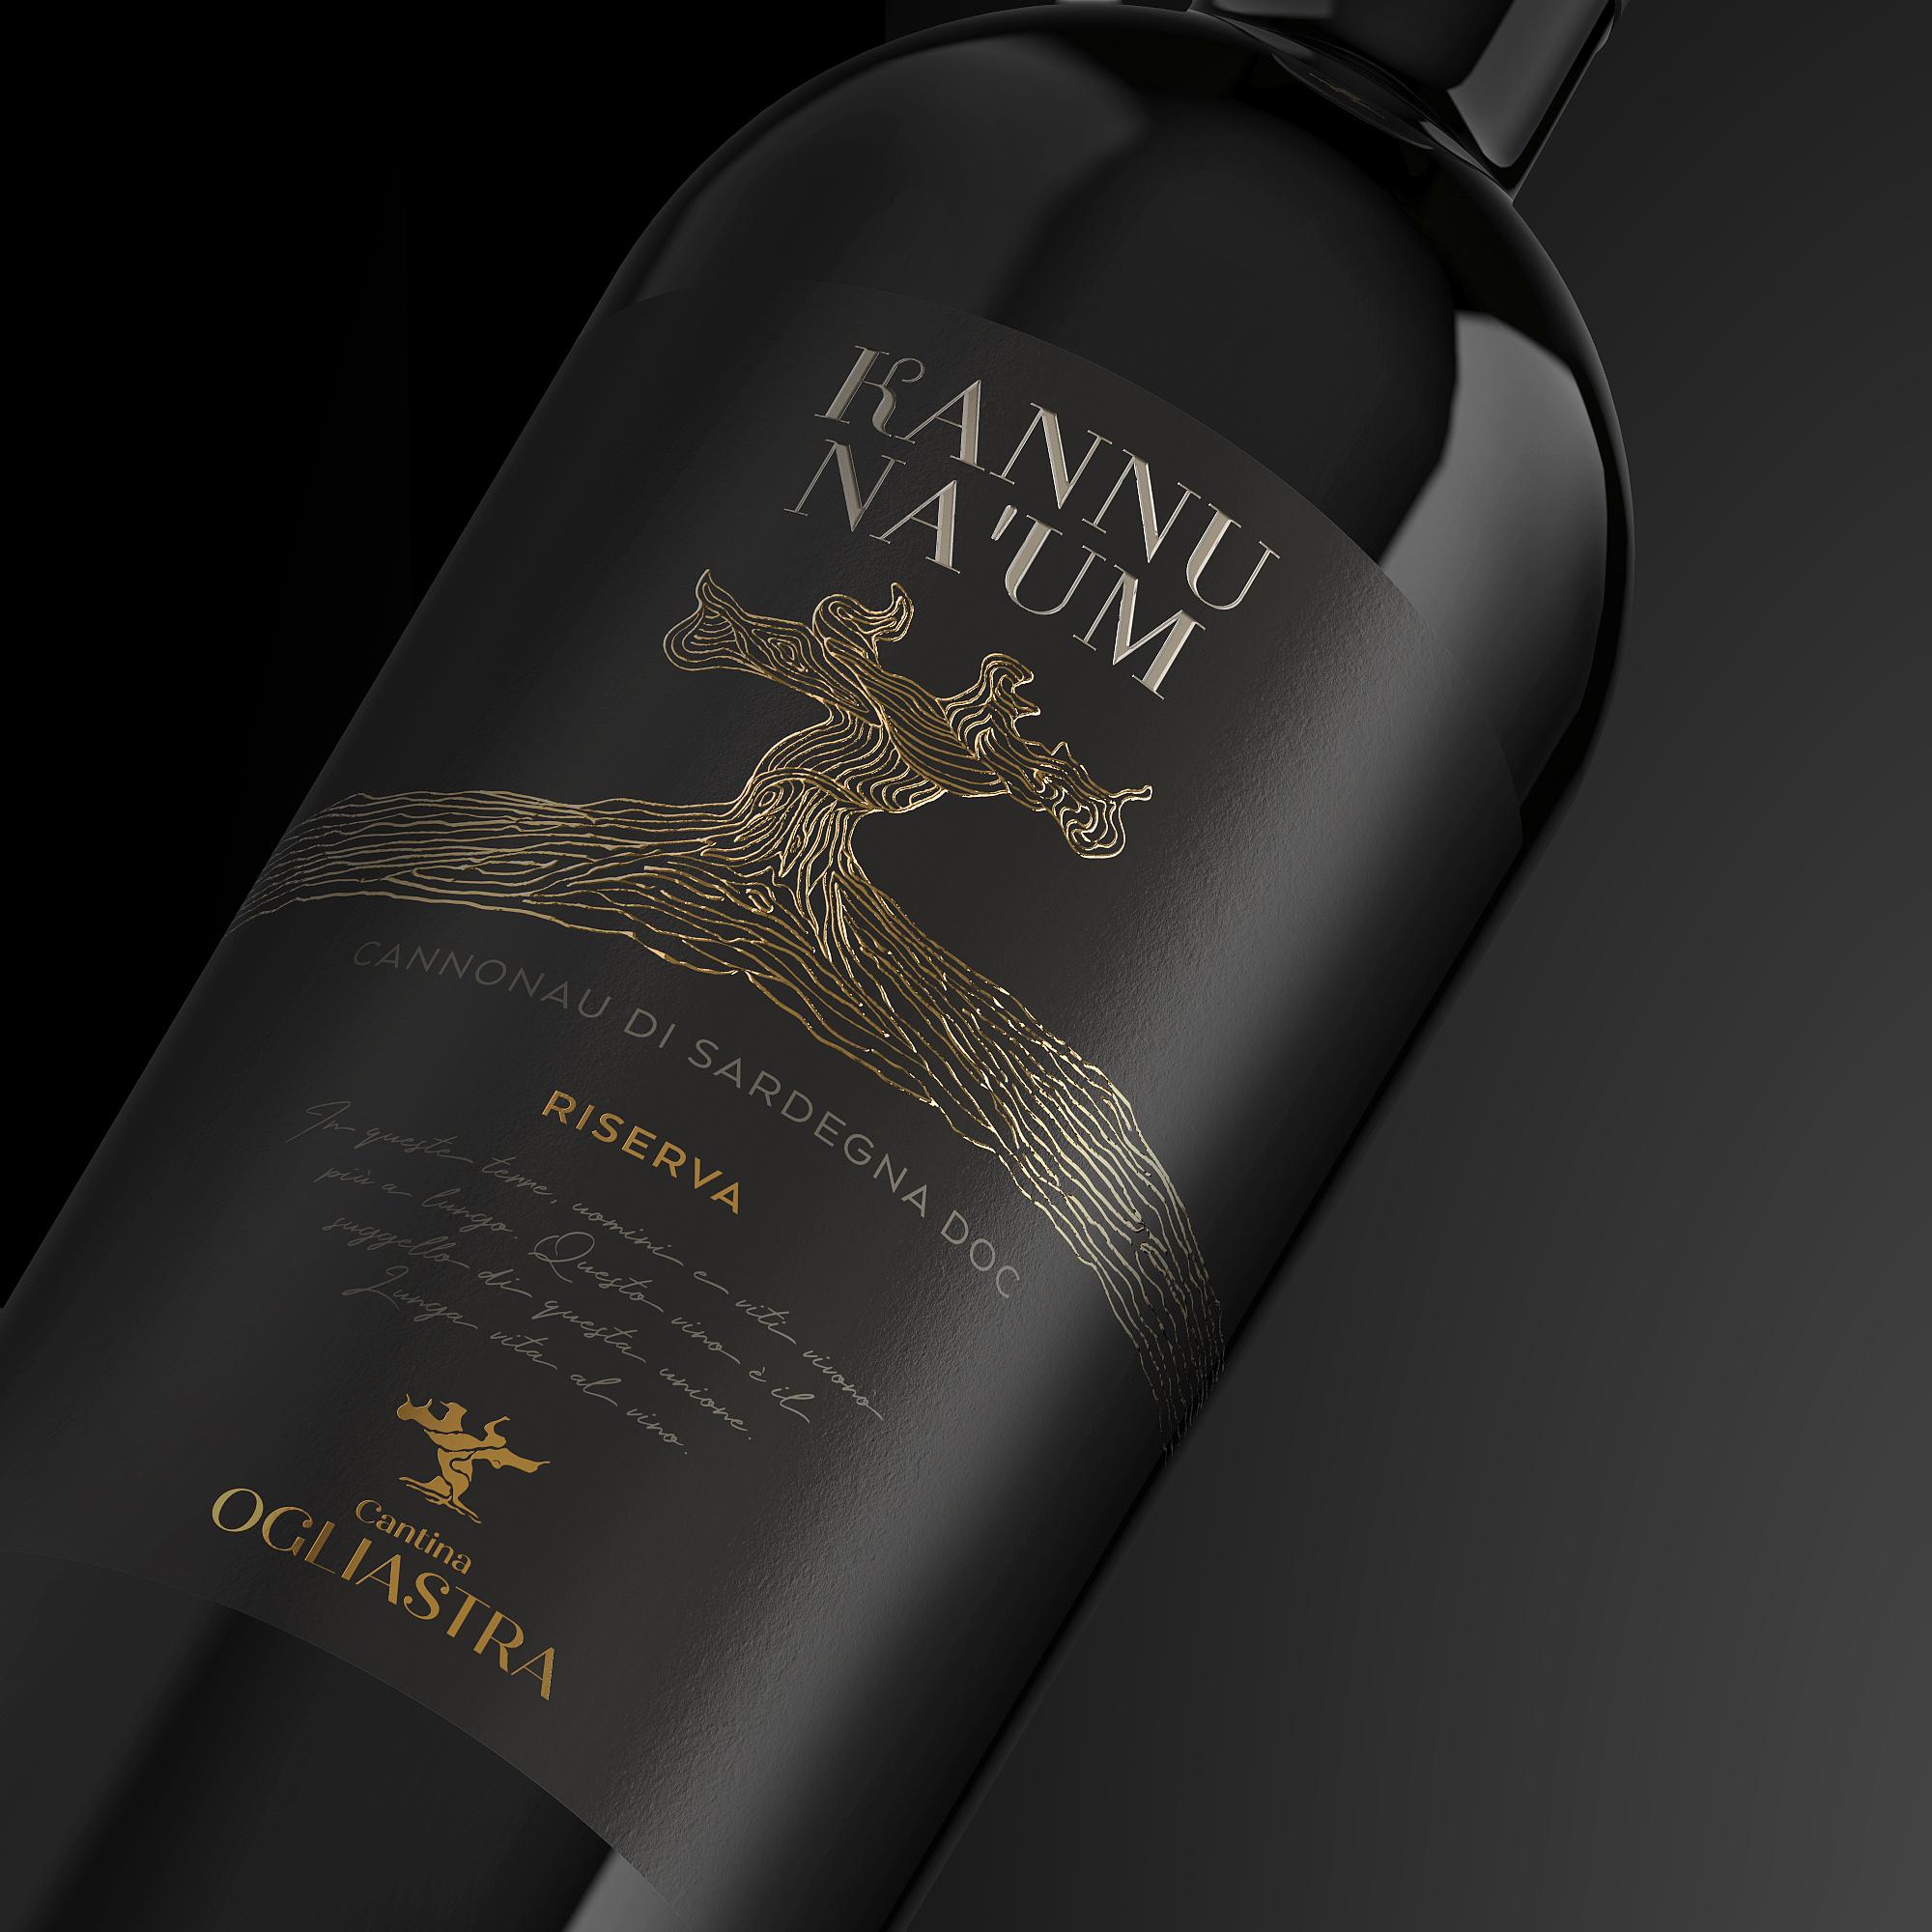 Kannu Na Um Wine Labels